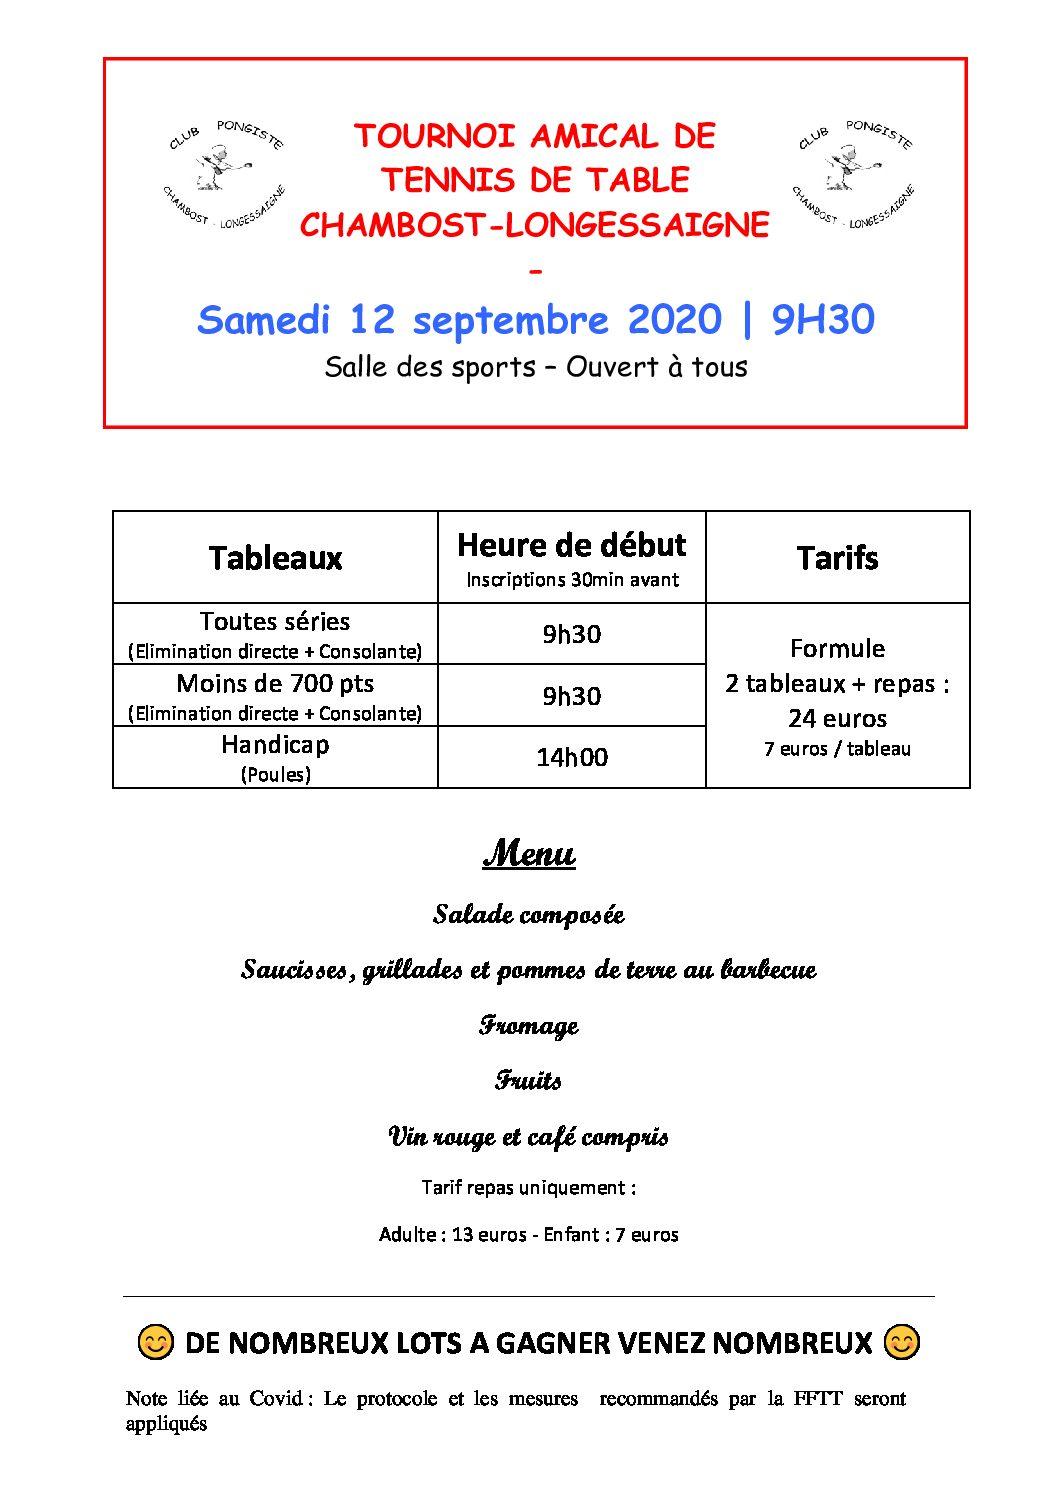 Samedi 12 septembre 2020 : tournoi amical de tennis de table du CP Chambost-Longessaigne